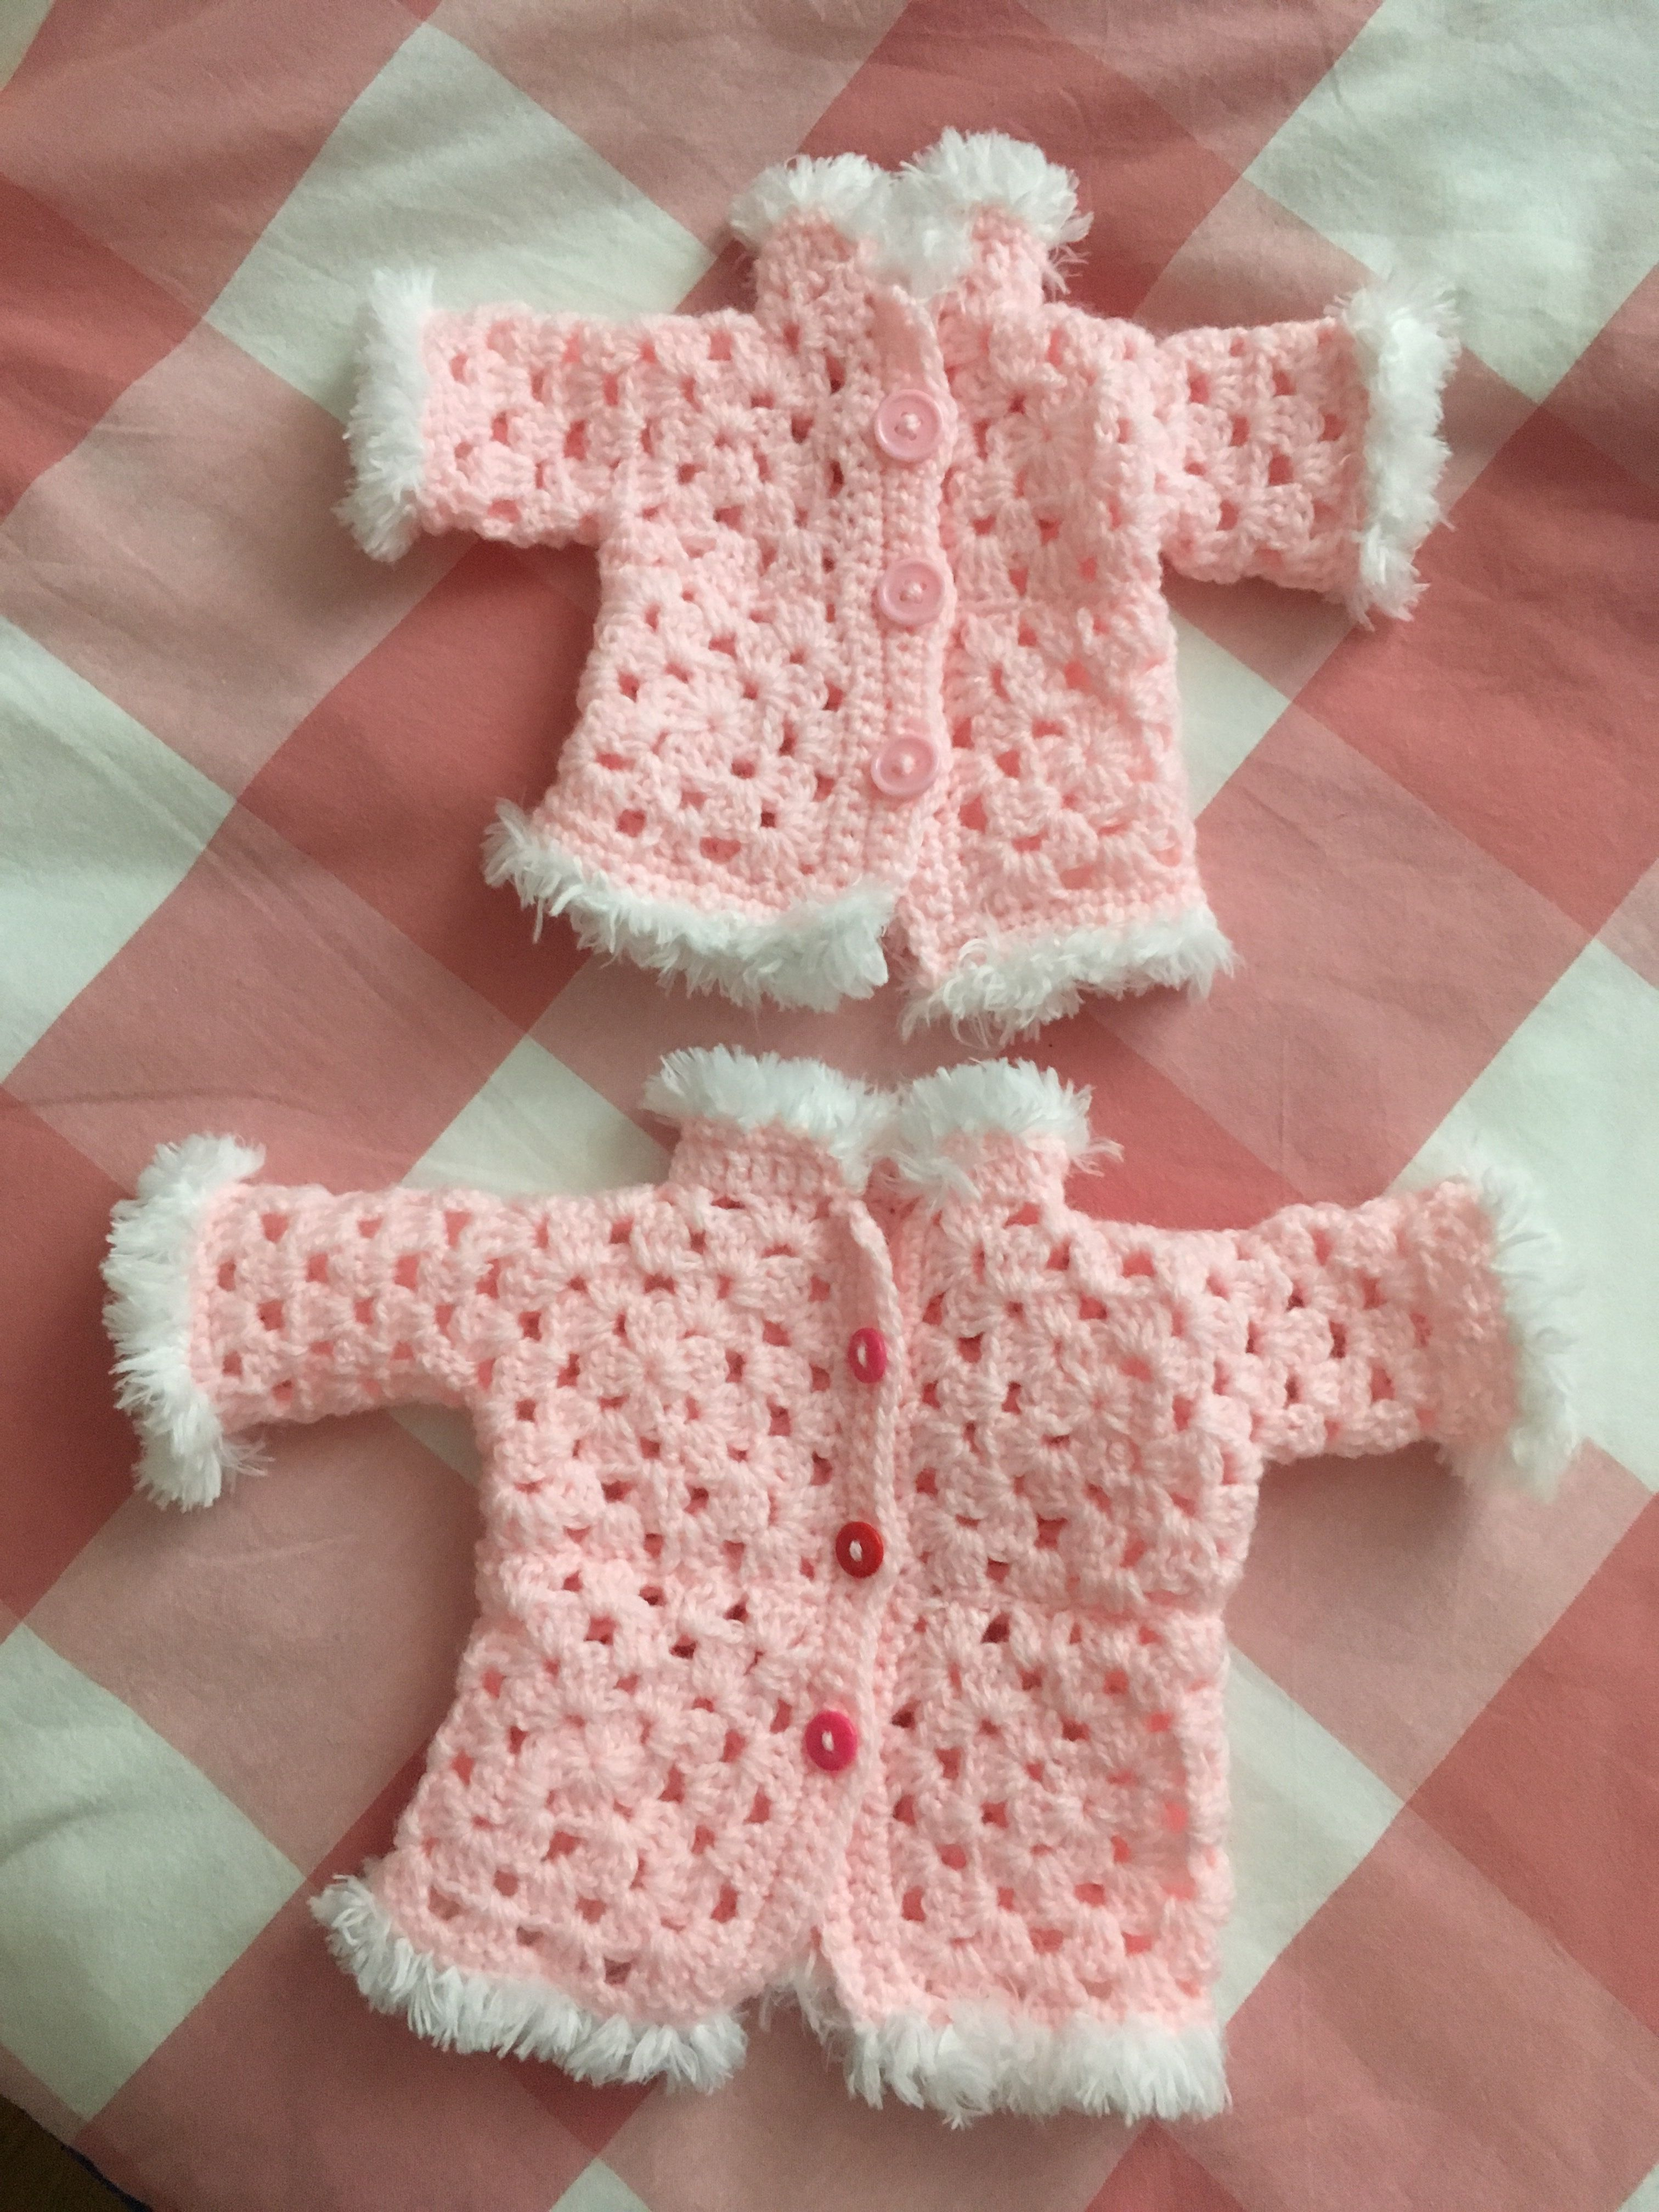 Poppenvestje Granny Square Met Fluffy Randje Haken Crochet